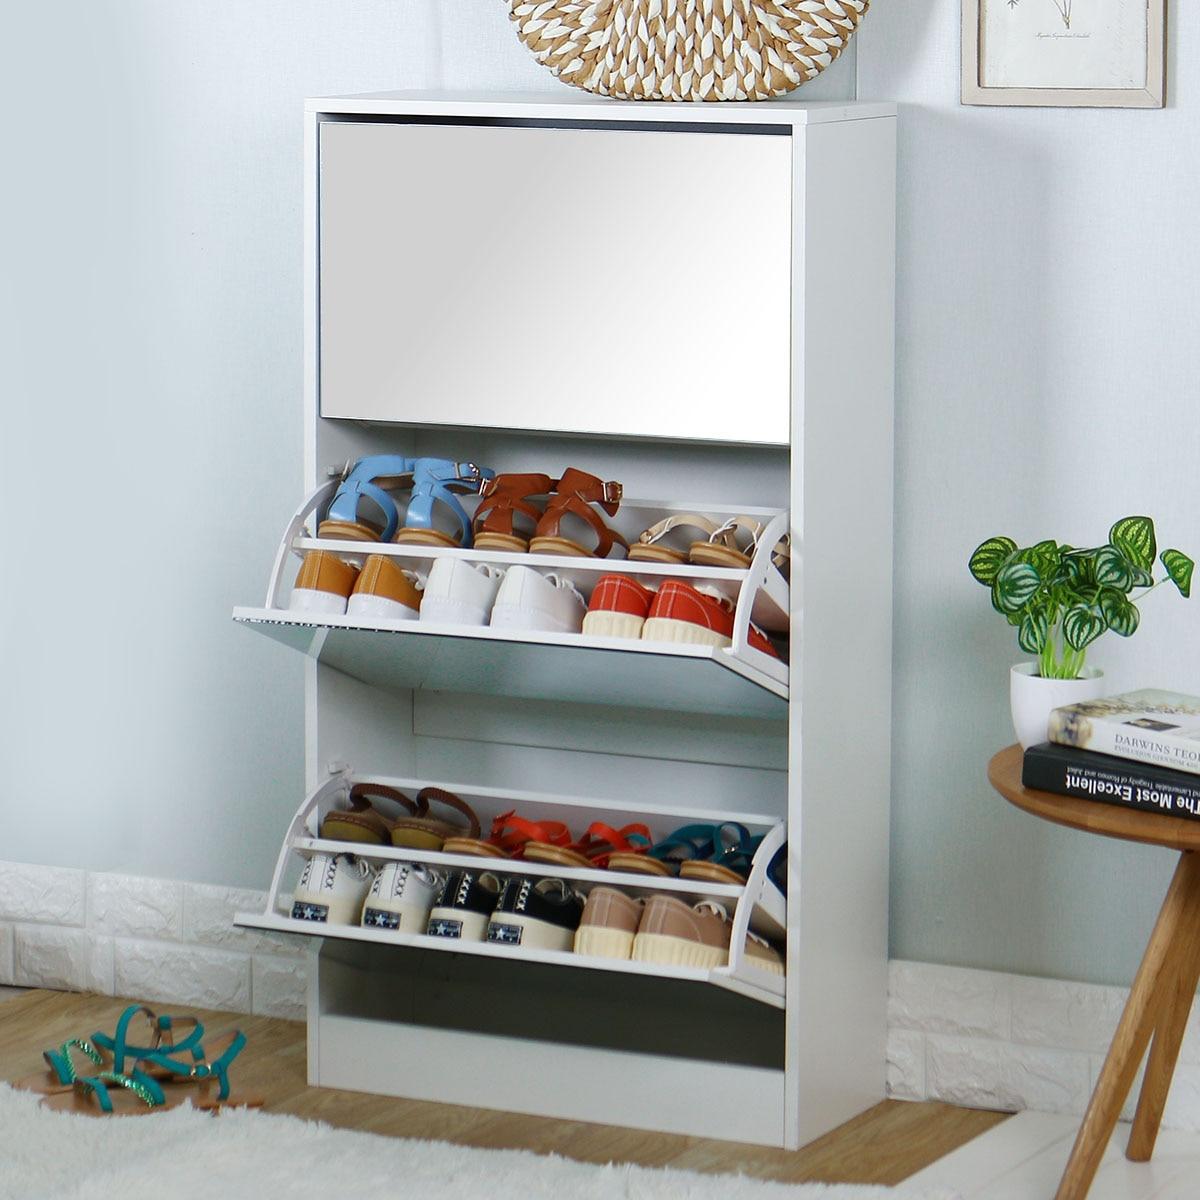 رف أحذية بمرآة من 3 مستويات ، أثاث ، مدخل ، غرفة معيشة ، خزانة أحذية ، حامل أحذية موفر للمساحة ، منظم أحذية